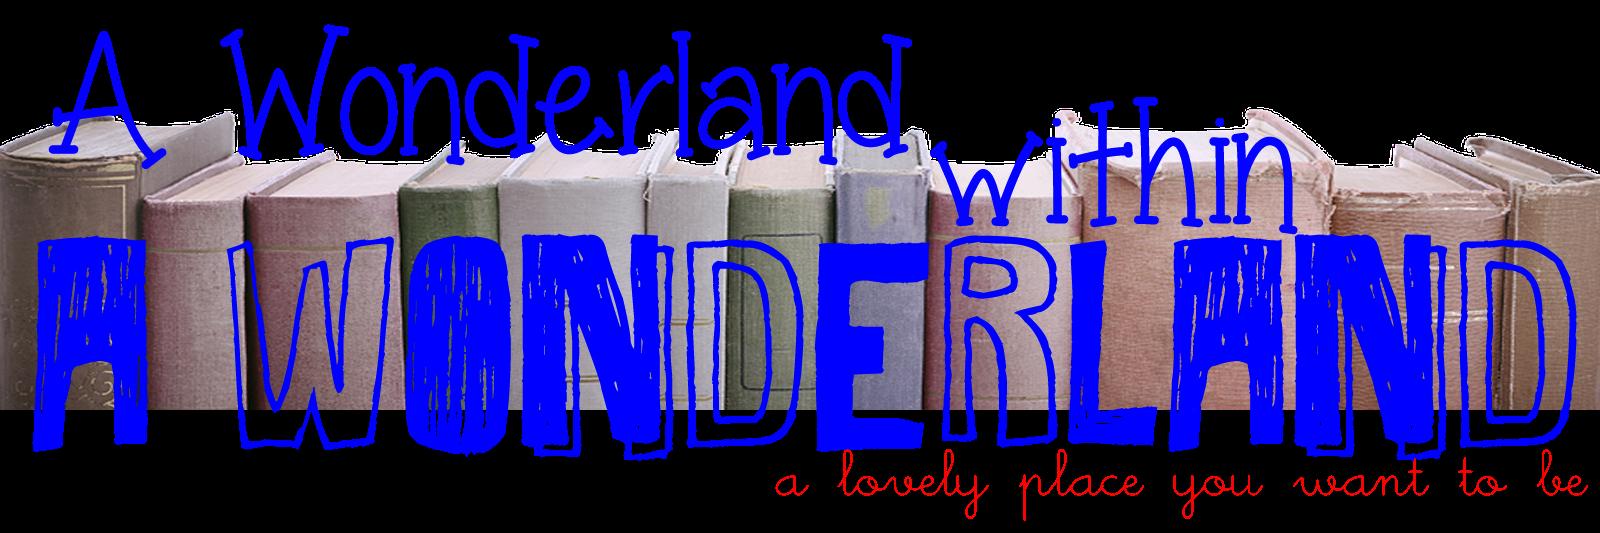 A Wonderland within A Wonderland